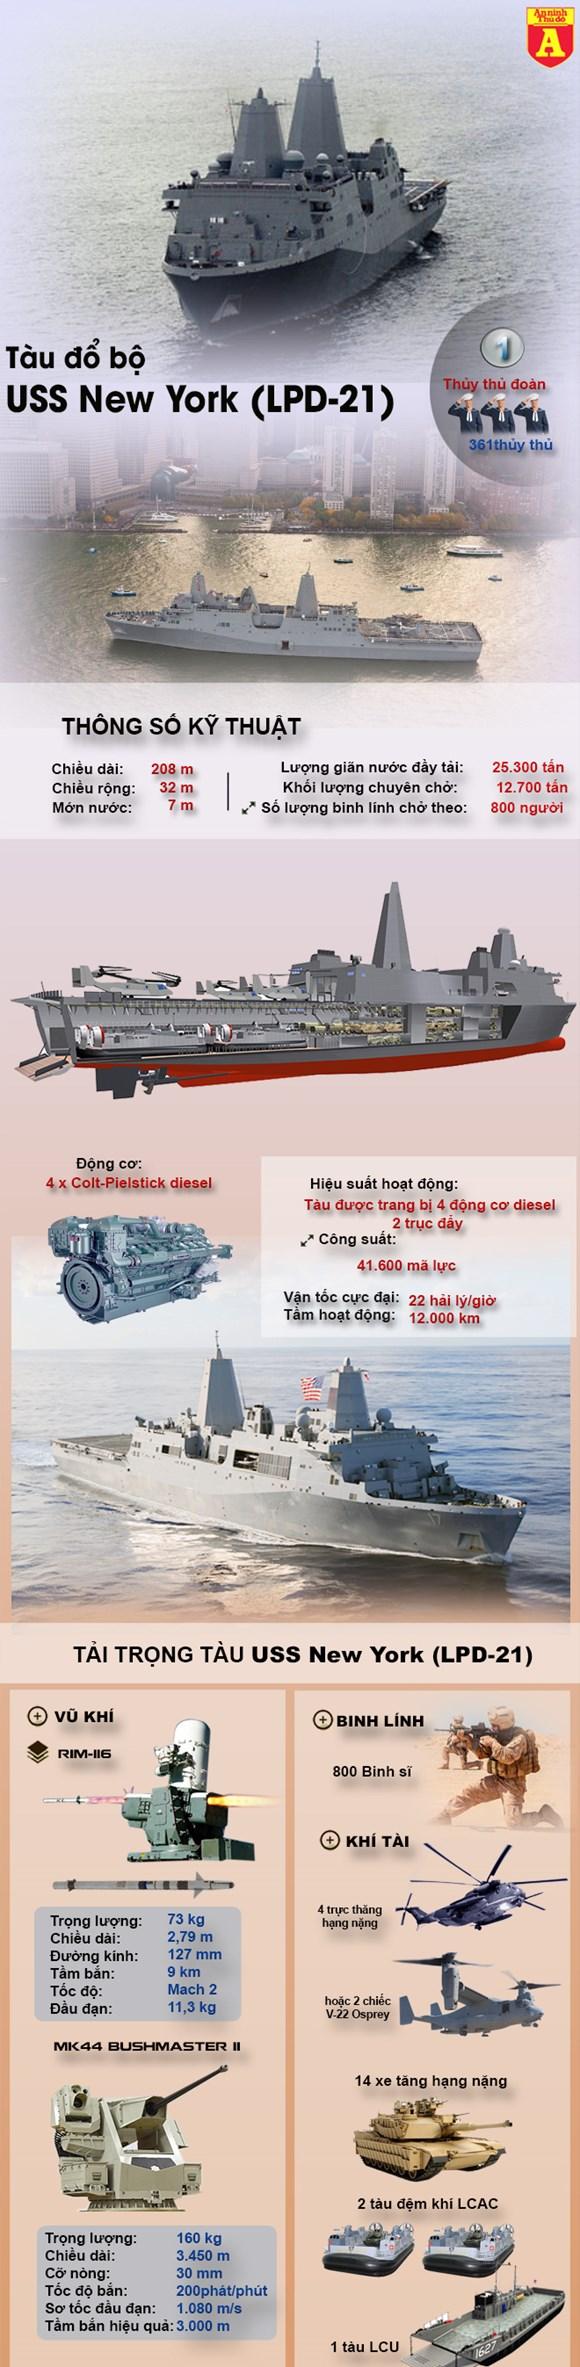 [Infographic] Siêu hạm Mỹ làm từ thép tòa tháp đôi sau sự kiện 11/9 - ảnh 1